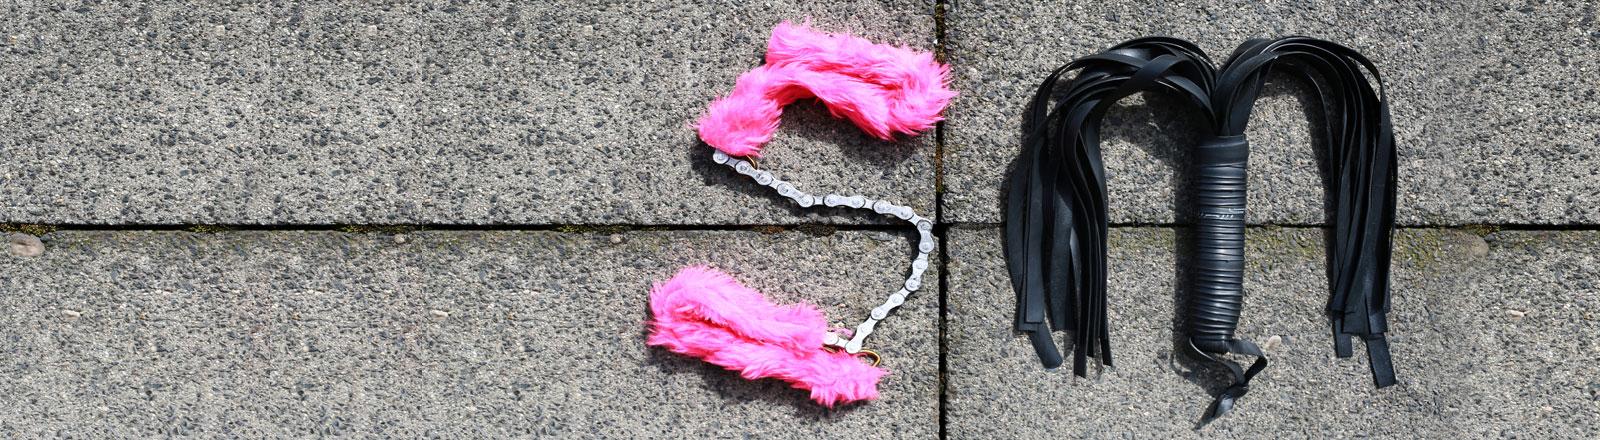 Die Lettern S und M, geformt aus Sexspielzeug